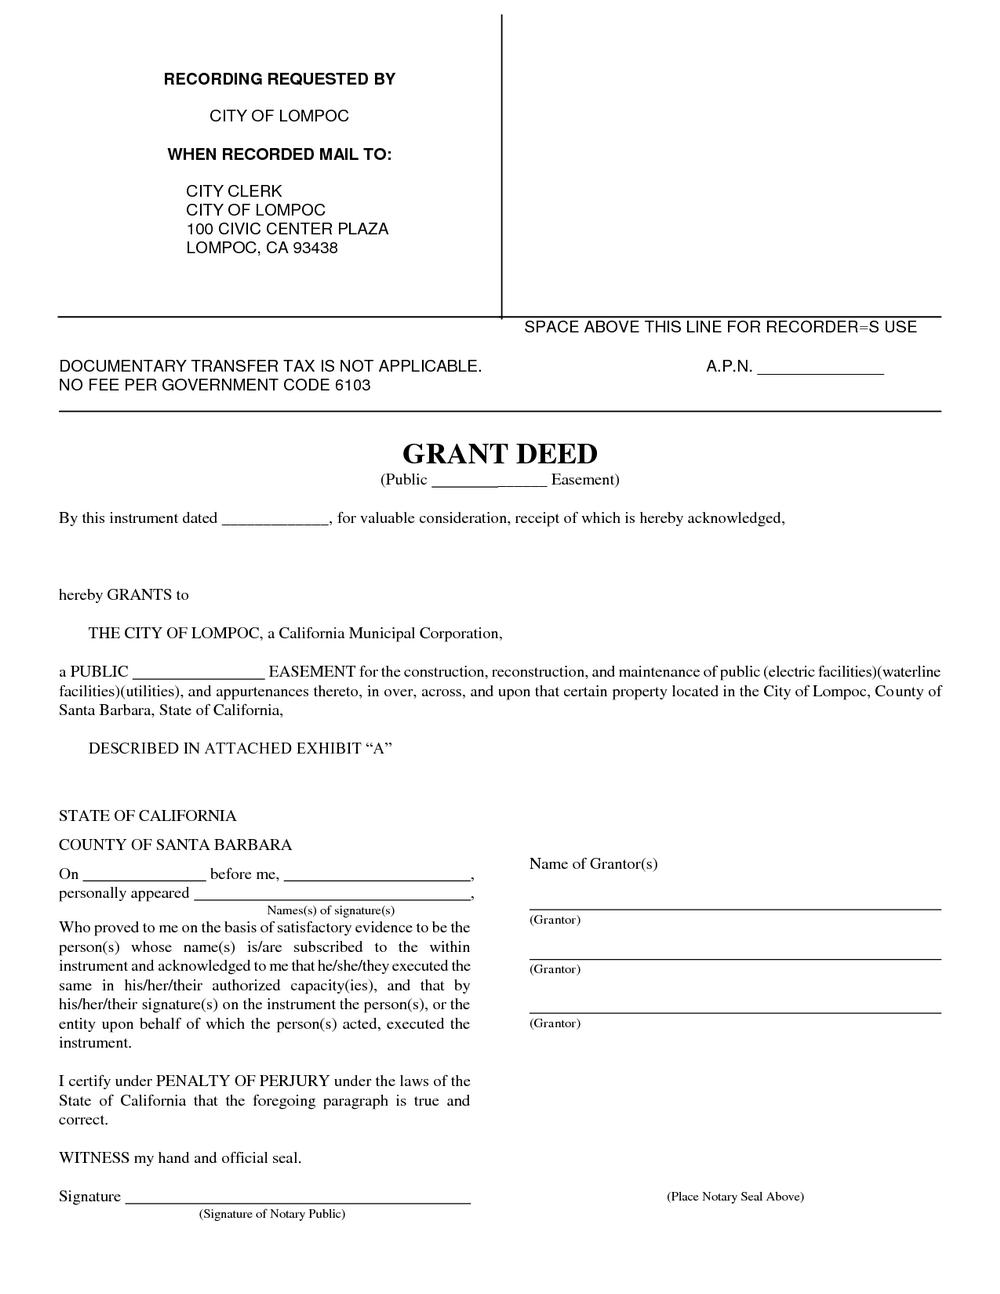 Grant Deed Form Oregon